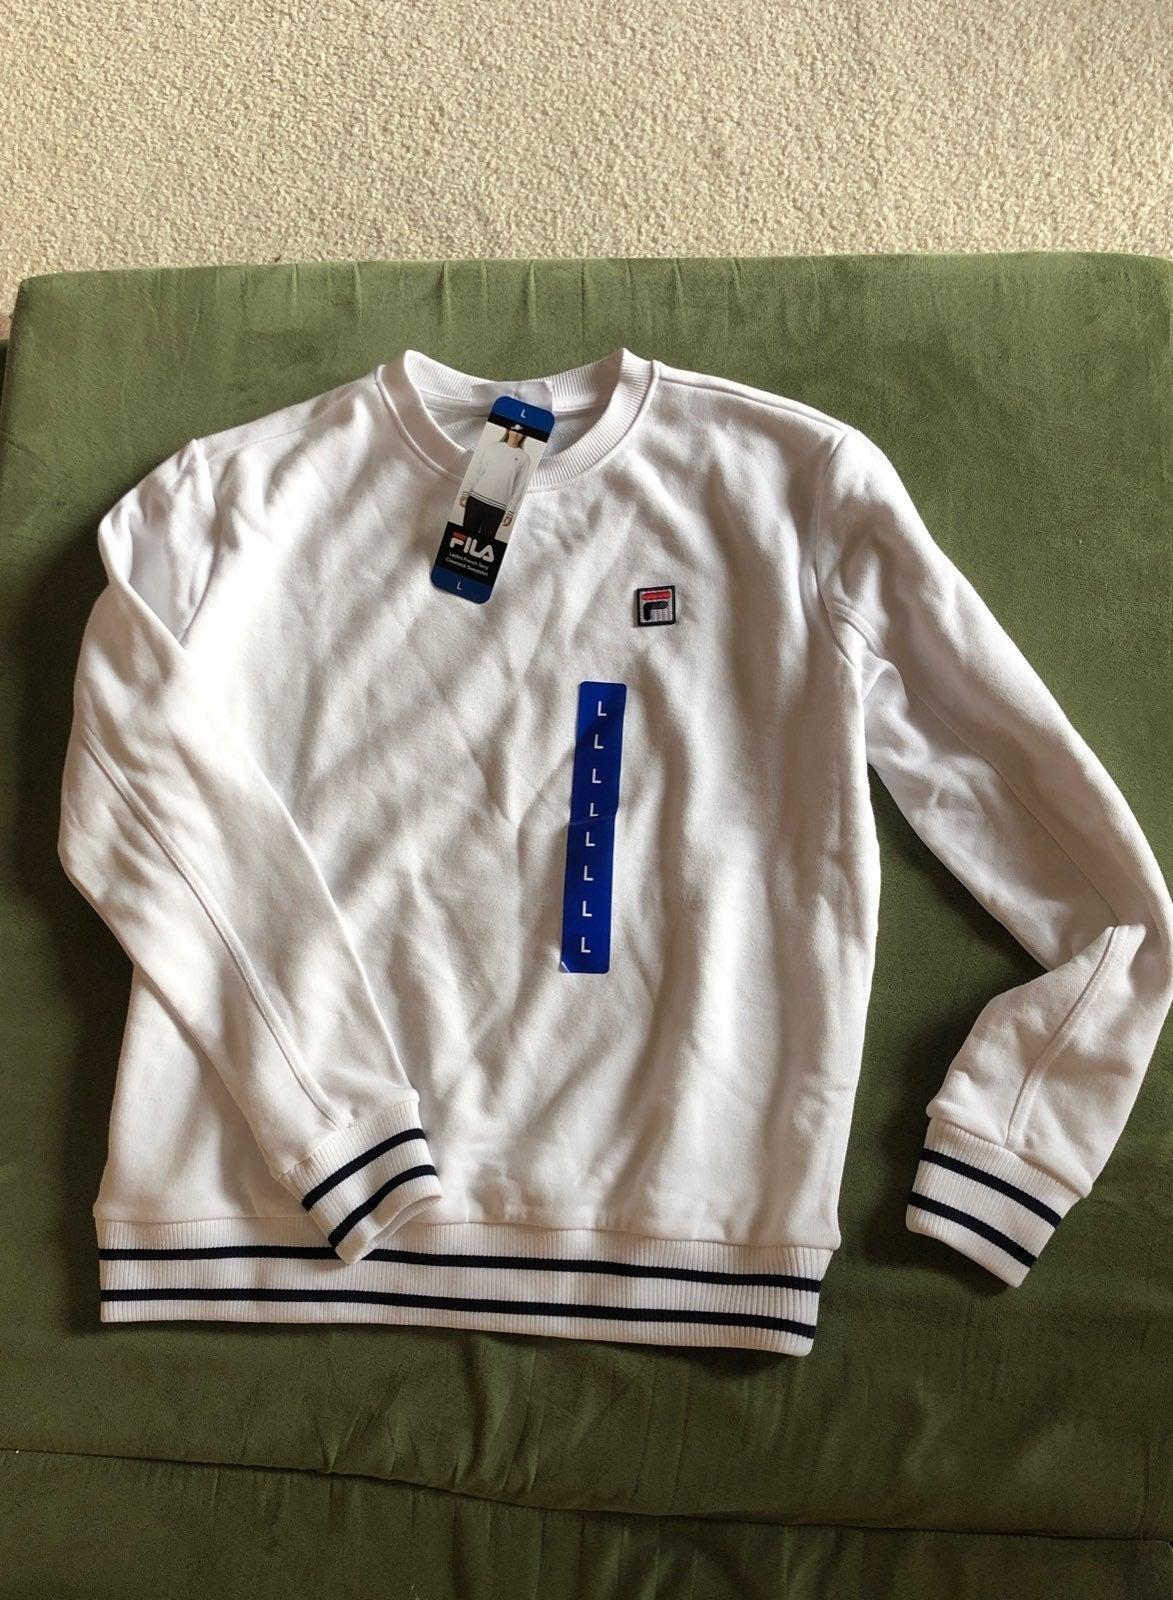 Fila Woman's sweatshirt